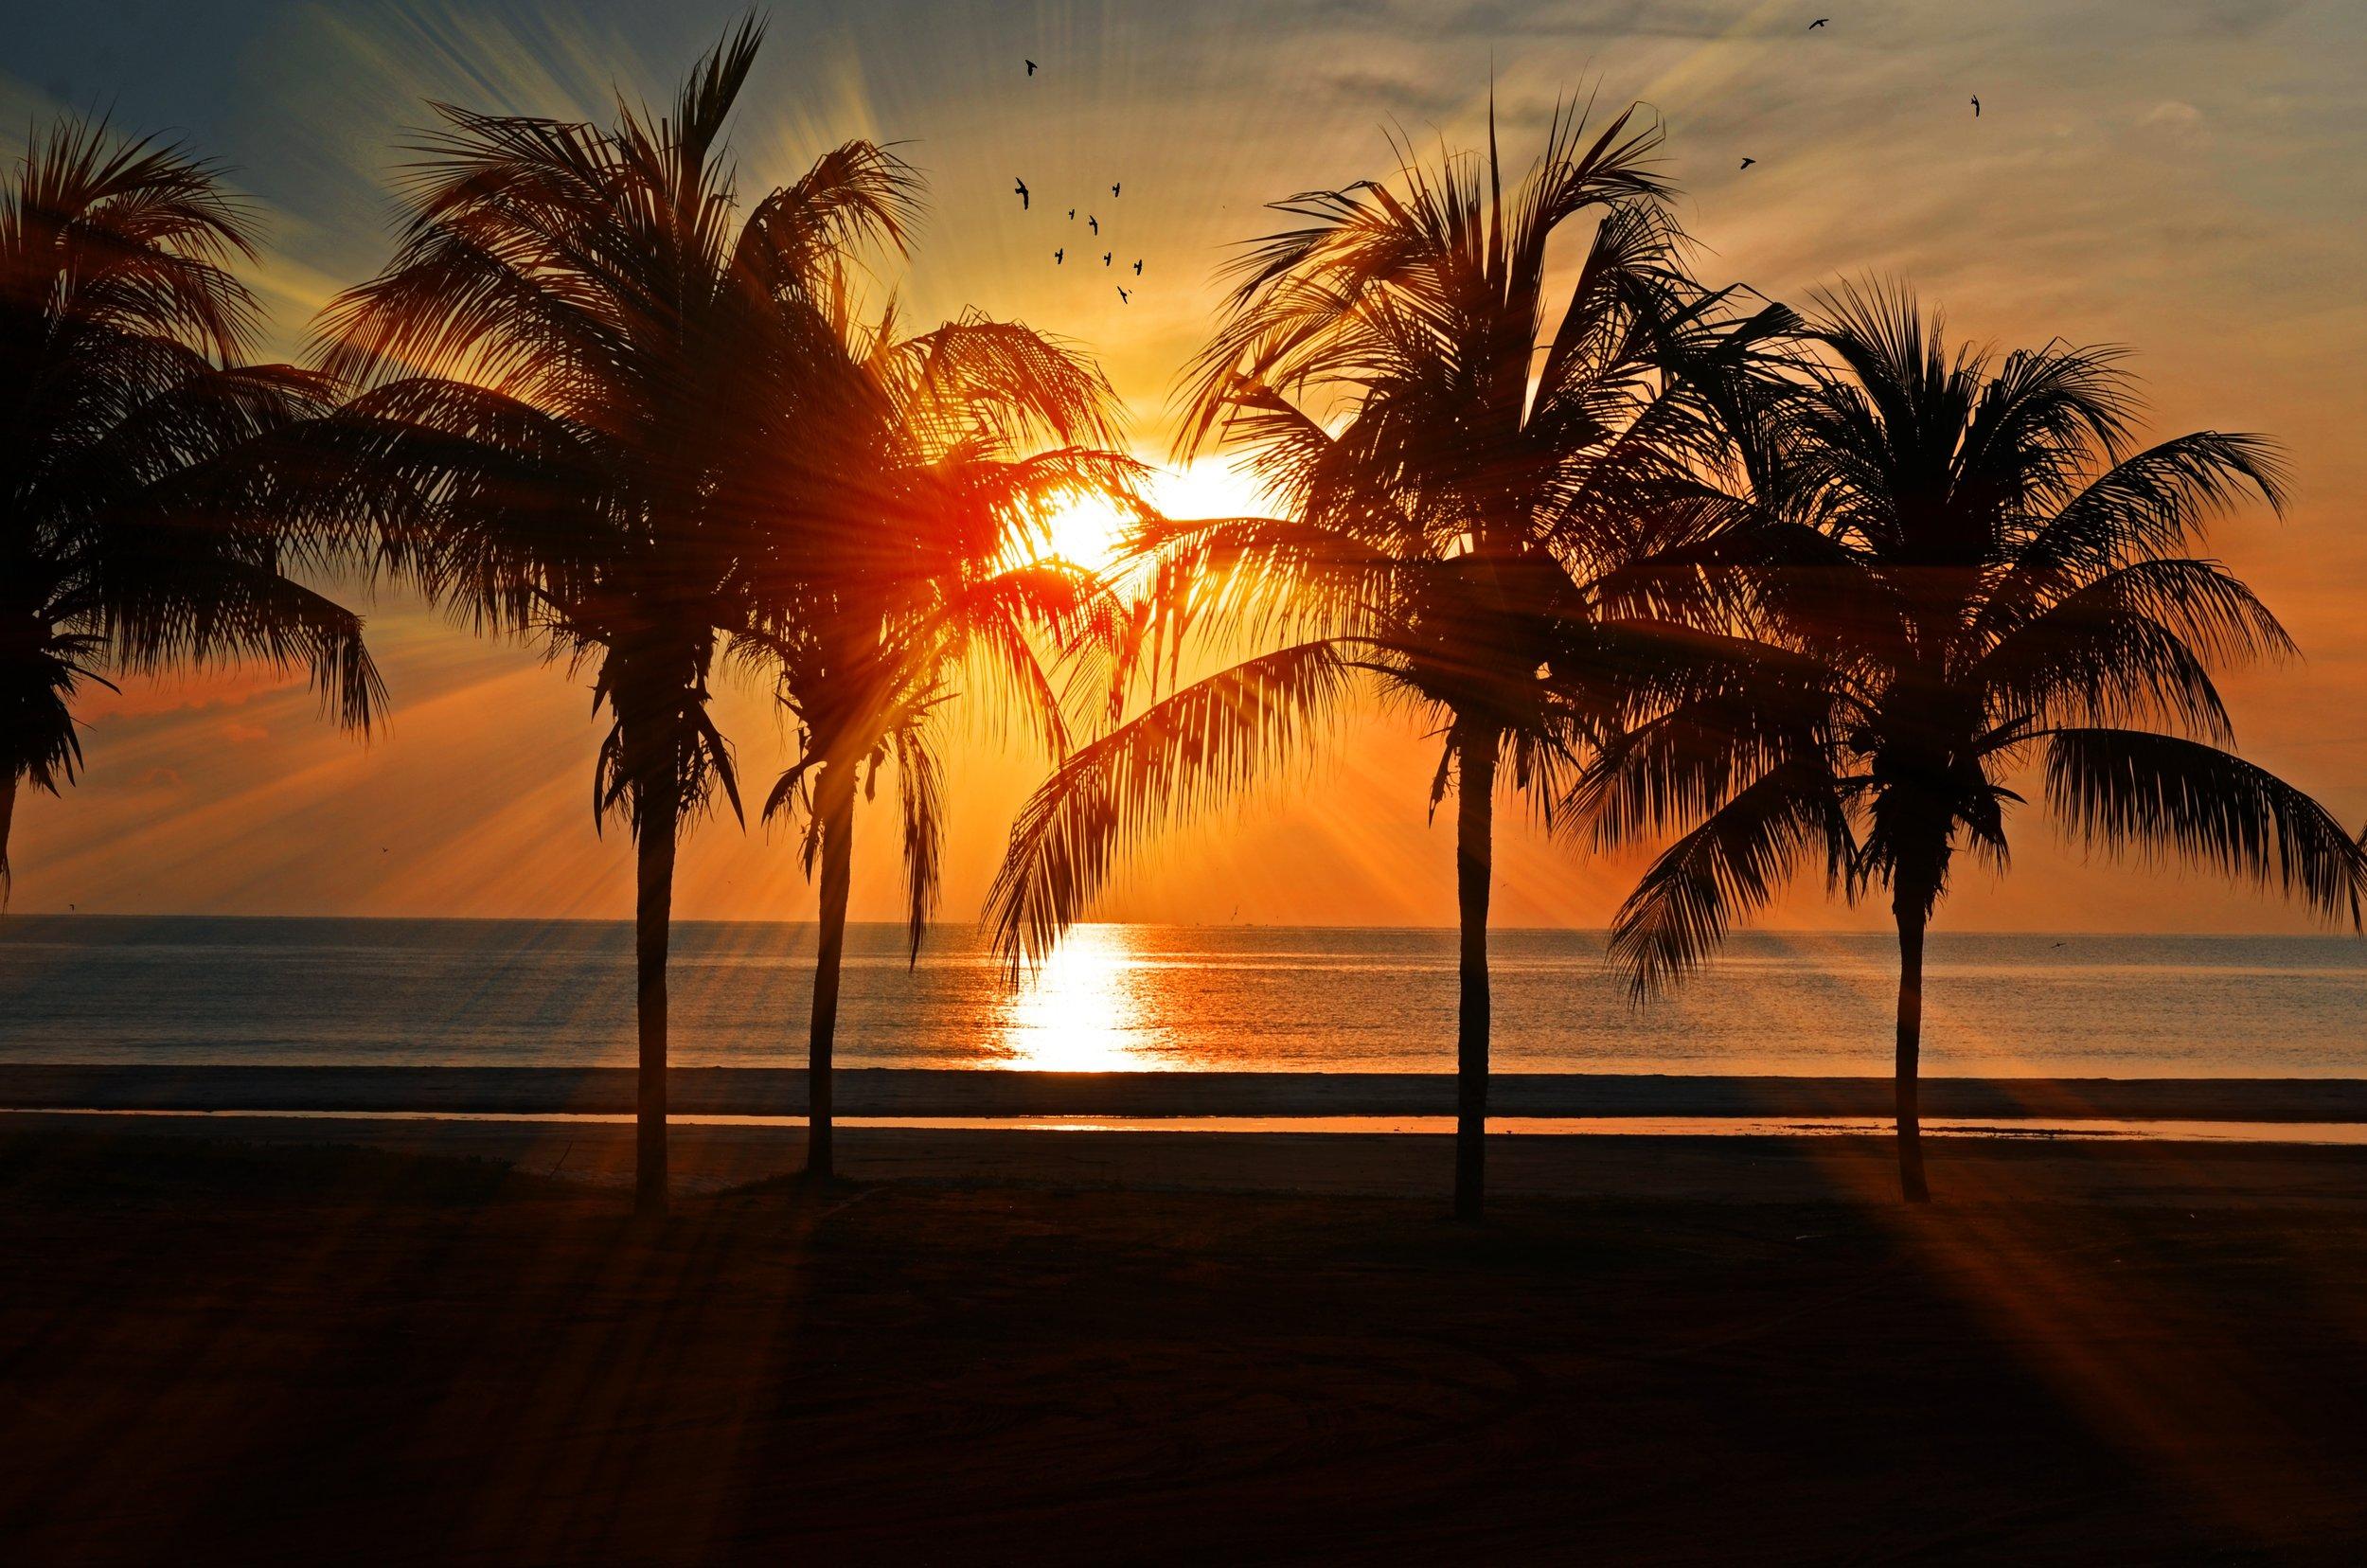 Palm trees.jpeg